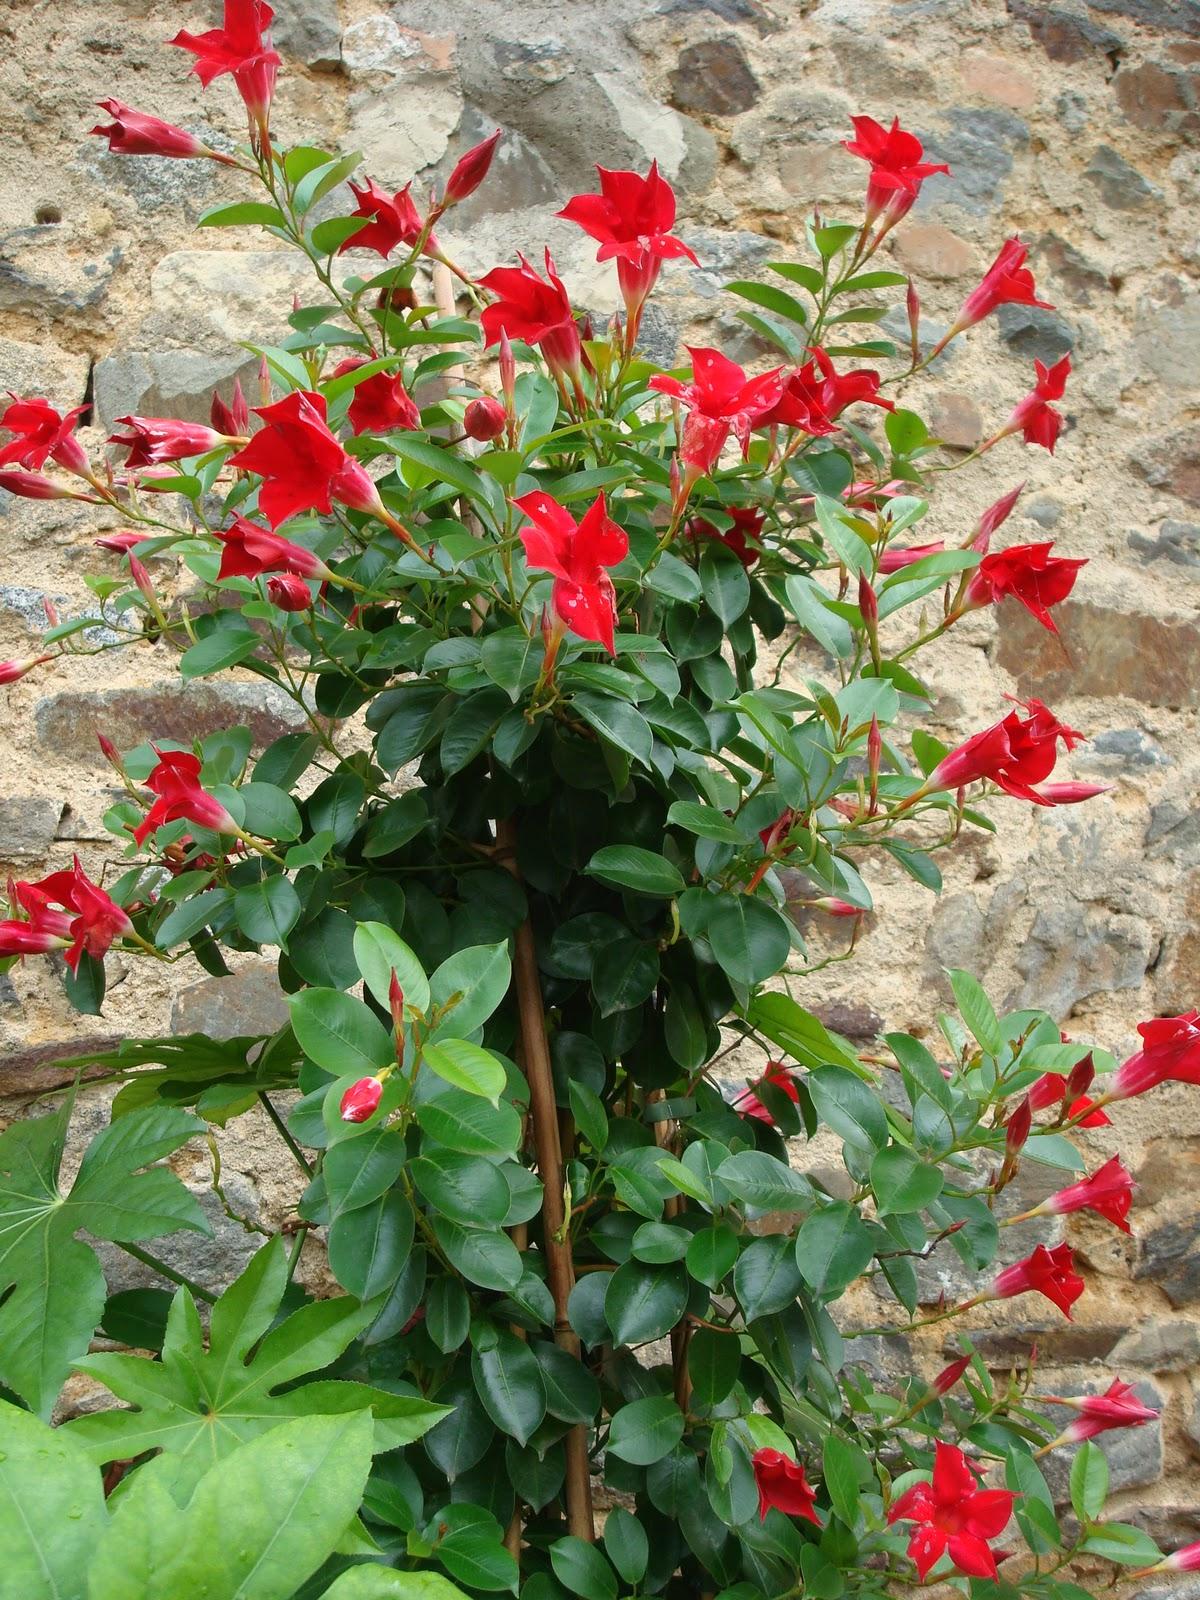 Fleuriste isabelle feuvrier les plantes de mon jardin en for Derniere tonte gazon avant hiver